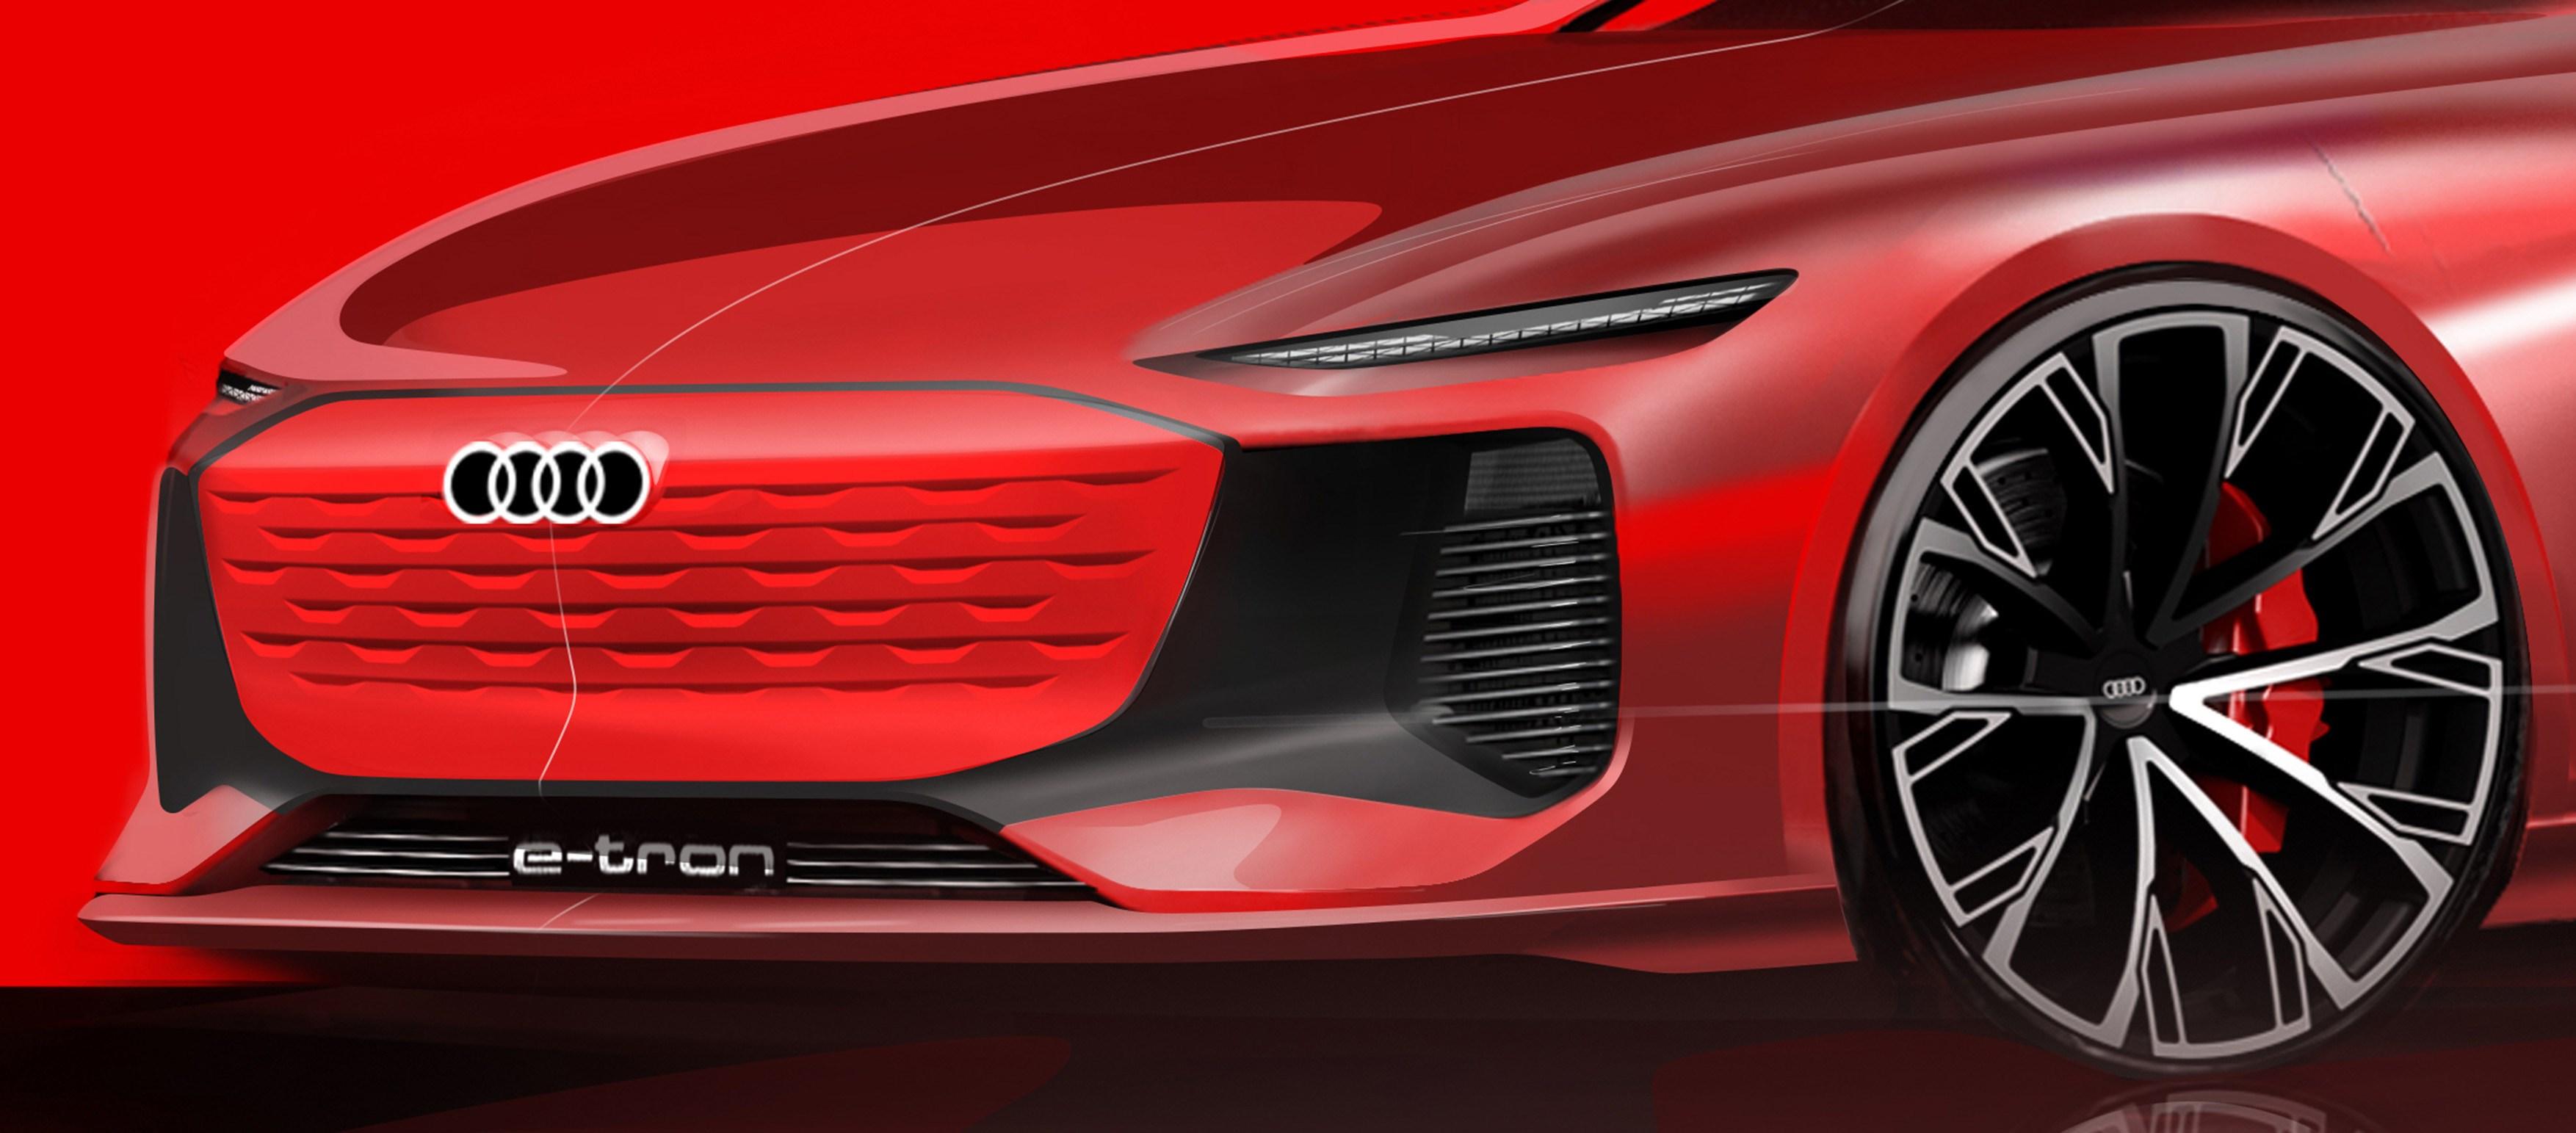 EV続々! アウディがe-tronの新型を予告。スケッチが示唆するのはe-tron GTより安価なセダン系?